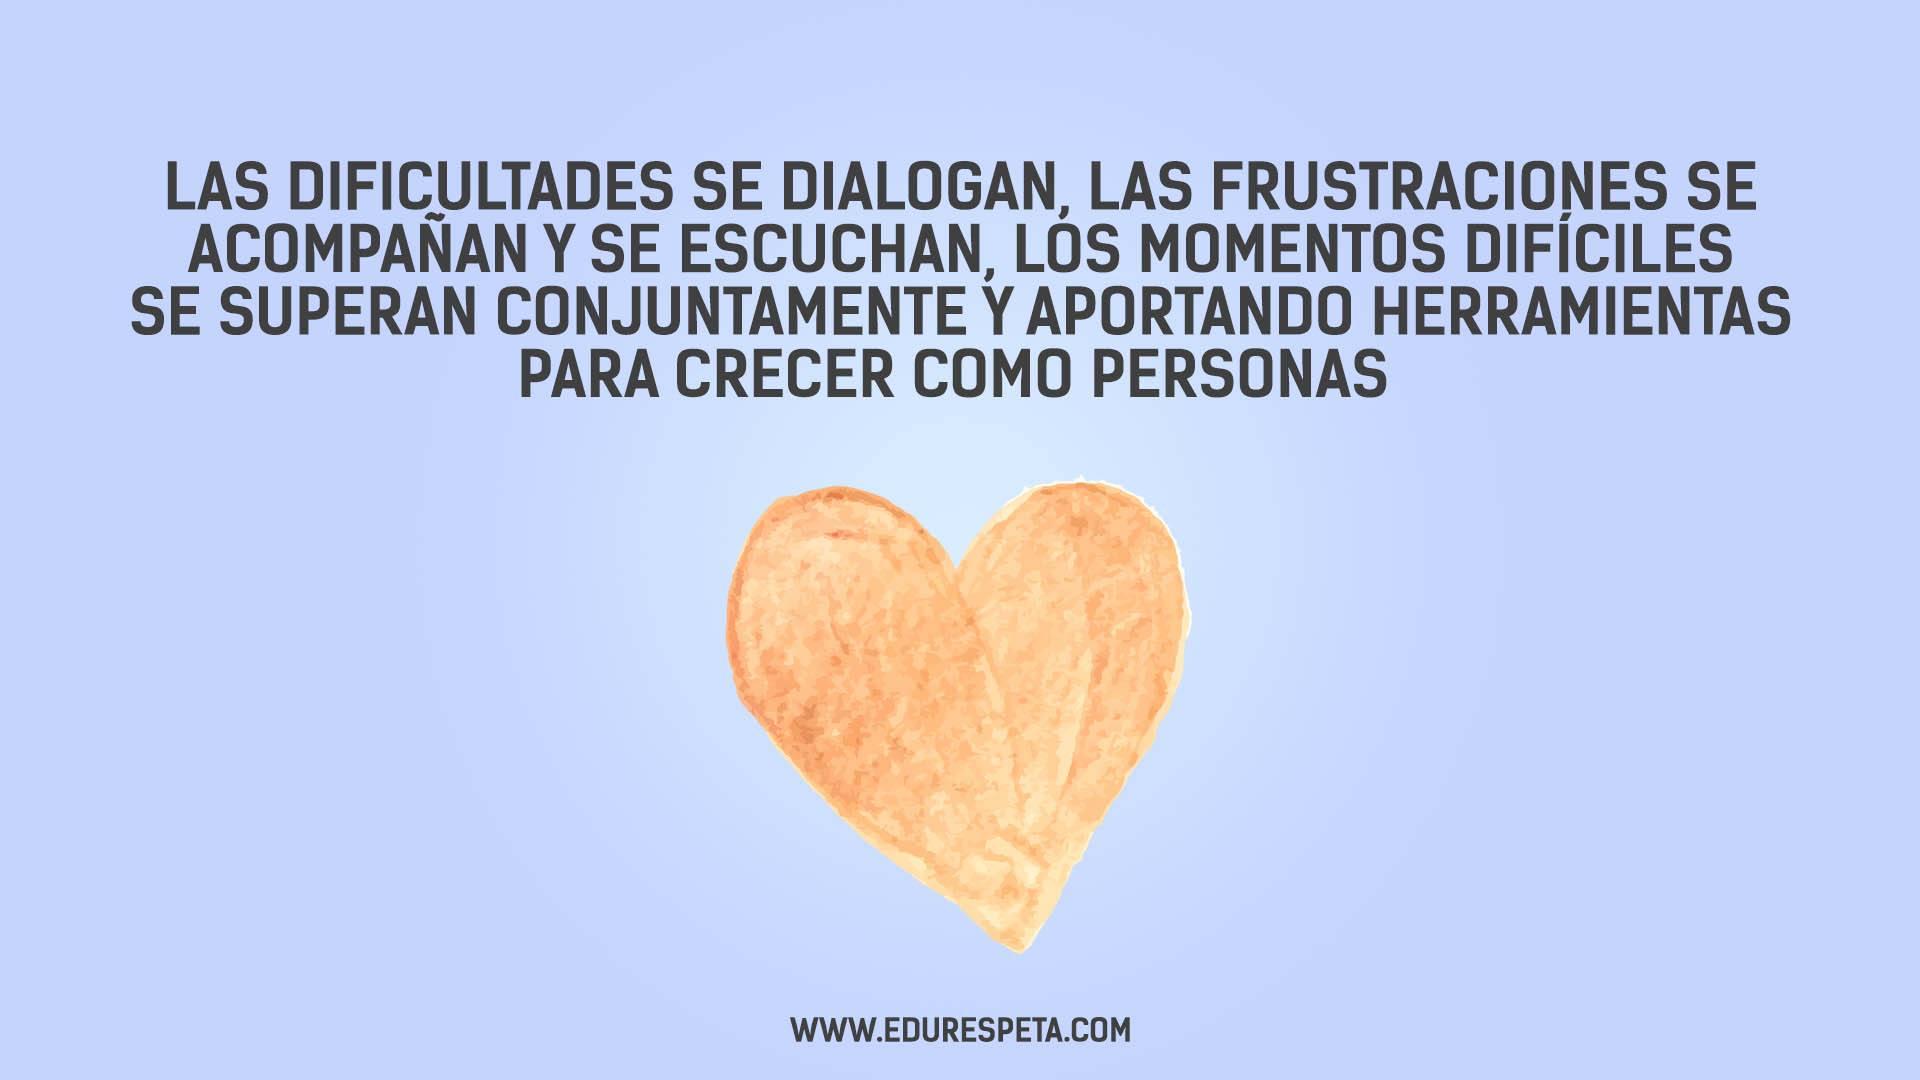 Las dificultades se dialogan, las frustraciones se acompañan y se escuchan, los momentos difíciles se superan conjuntamente